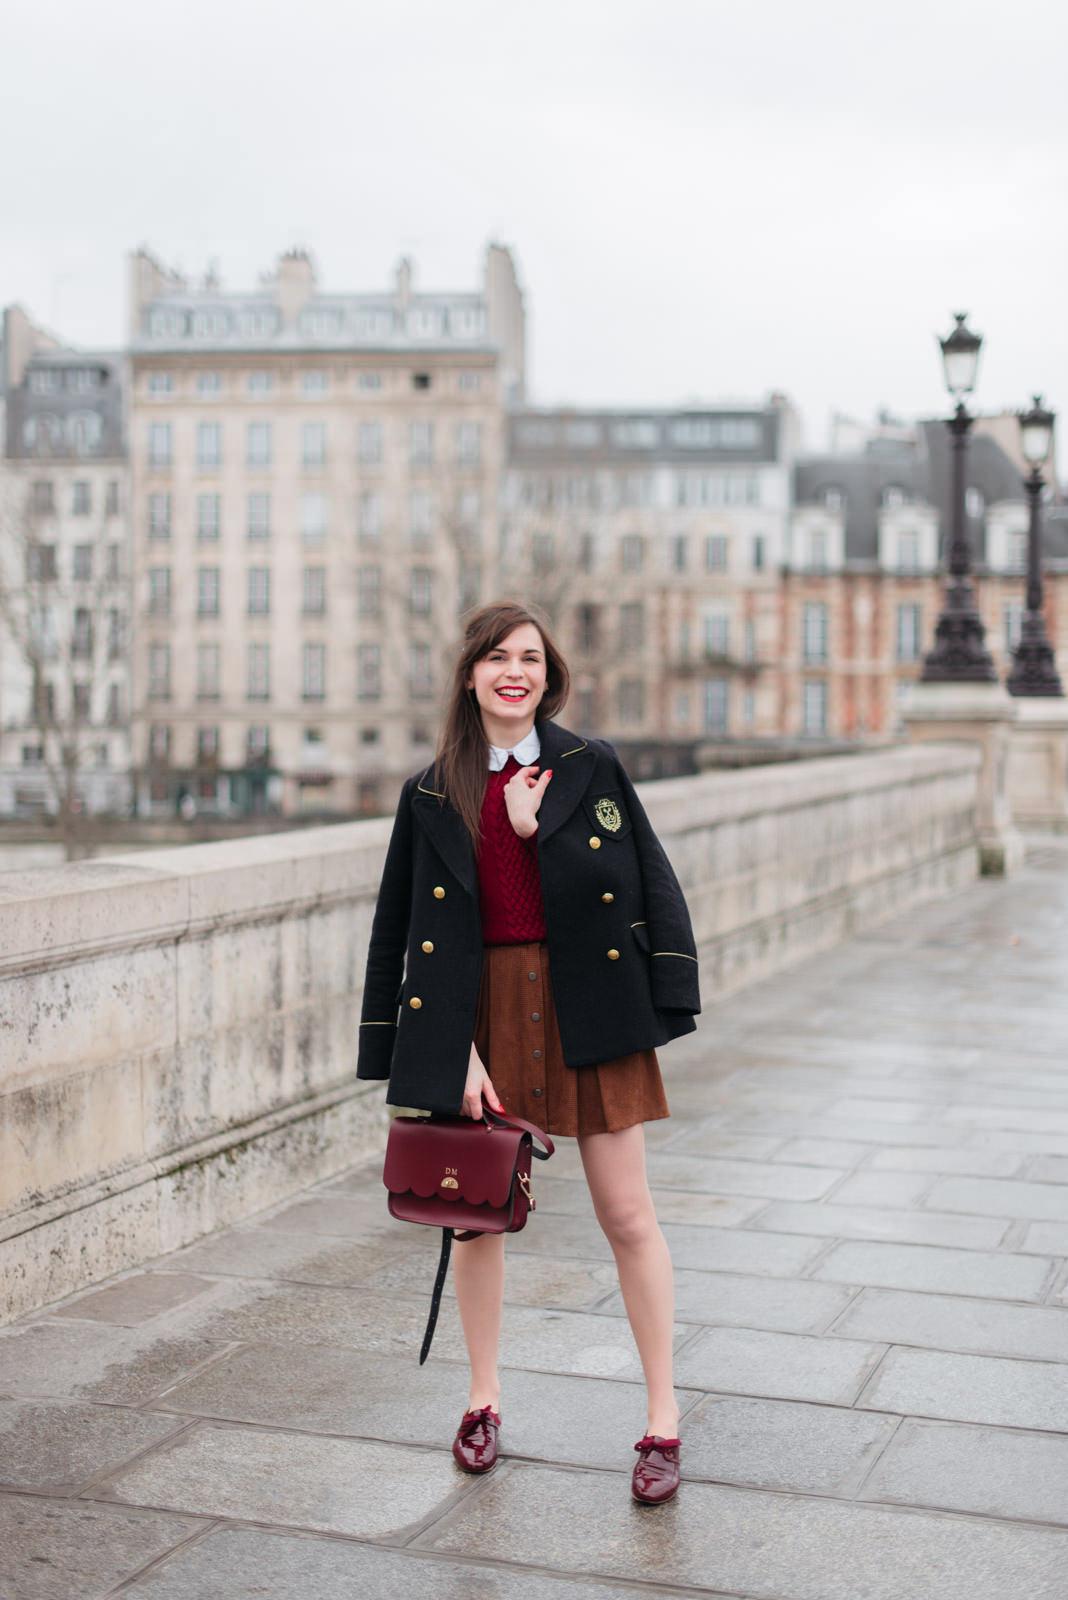 Blog-Mode-And-The-City-Looks-Le-reconfort-des-basiques-7